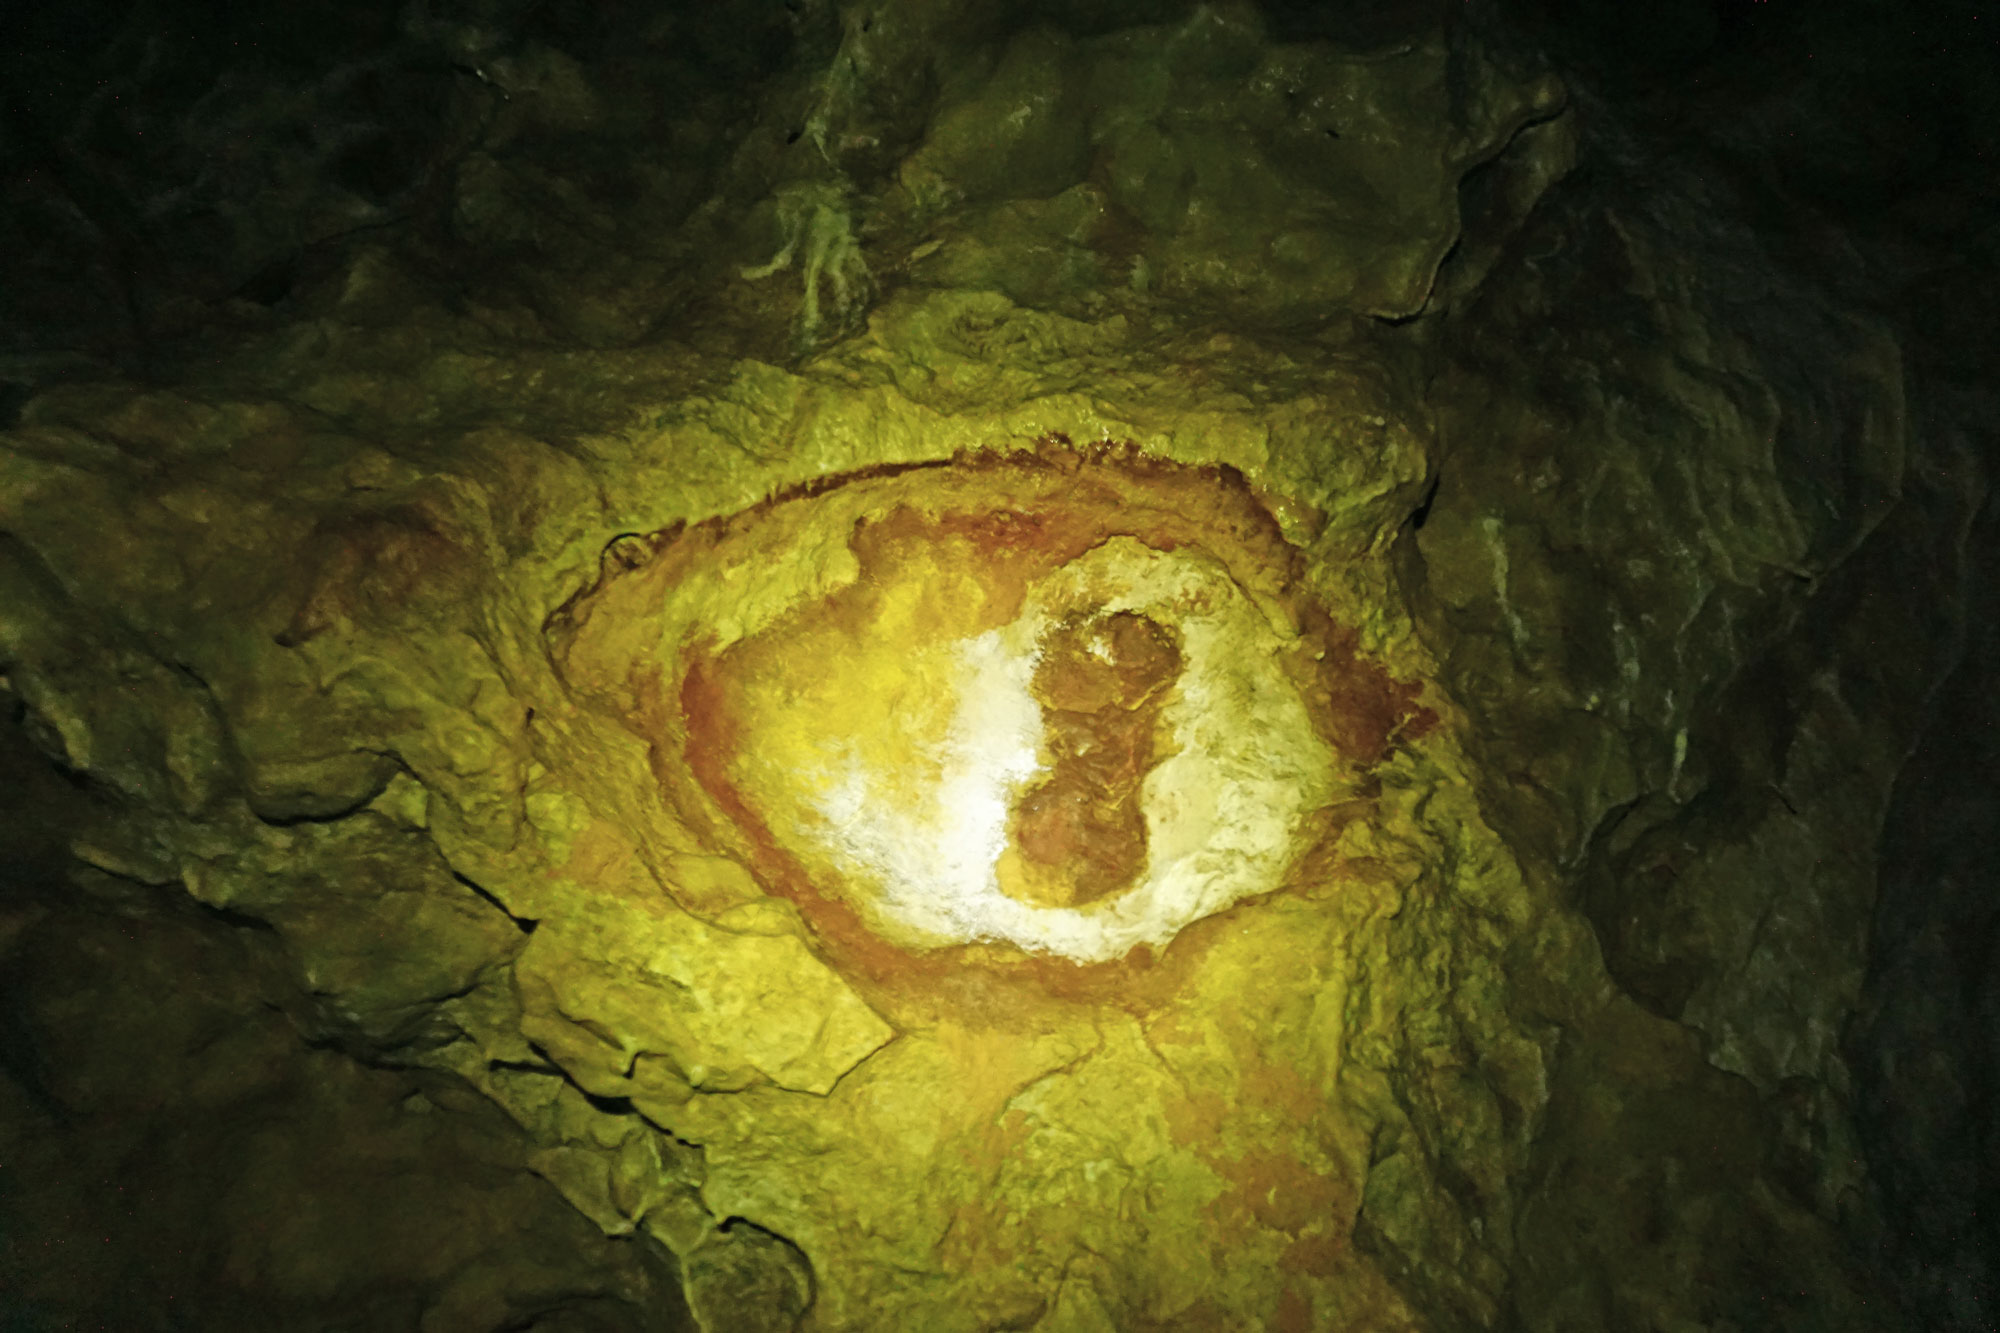 Höhlenmalerei oder natürliche Verfärbung? Laut einiger Sagen und Erzählungen war die Höhle Sitz von Druiden und Weissagerinnen.